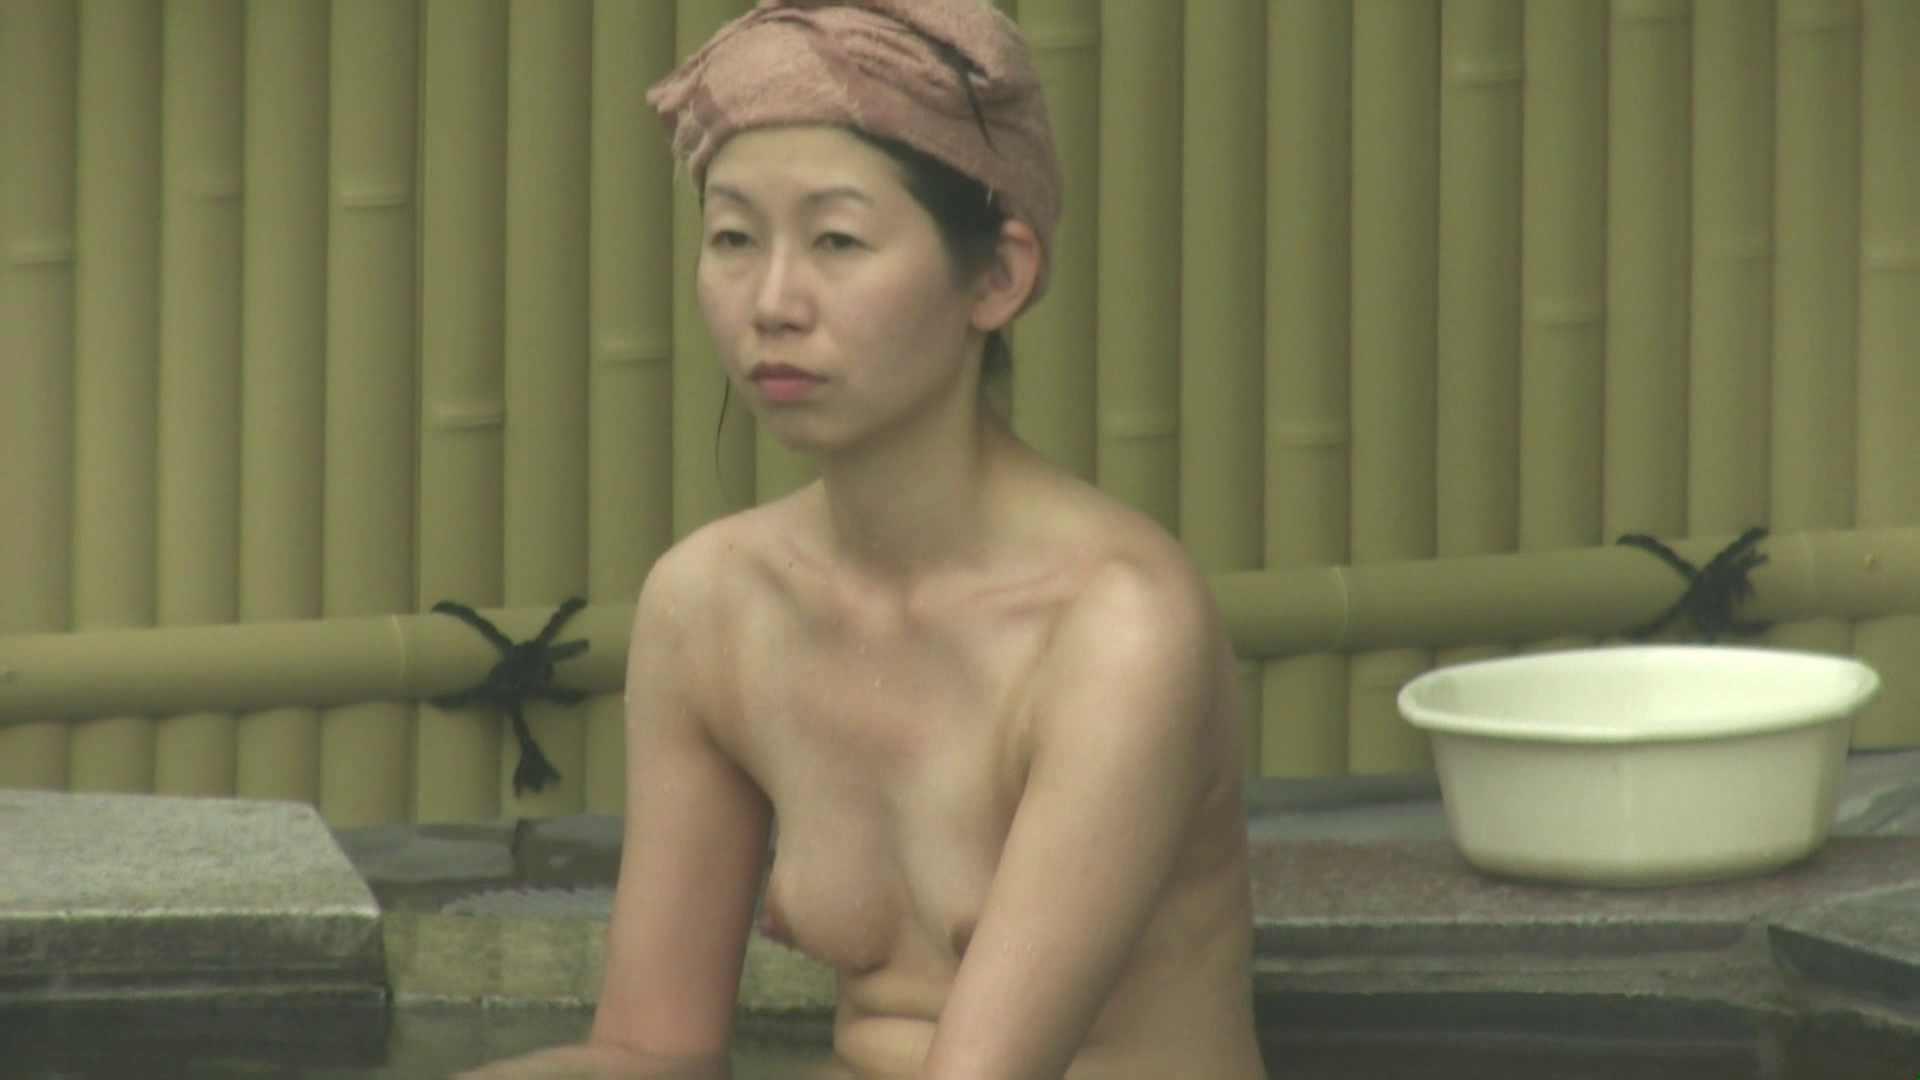 高画質露天女風呂観察 vol.023 望遠 | 女風呂  80pic 10